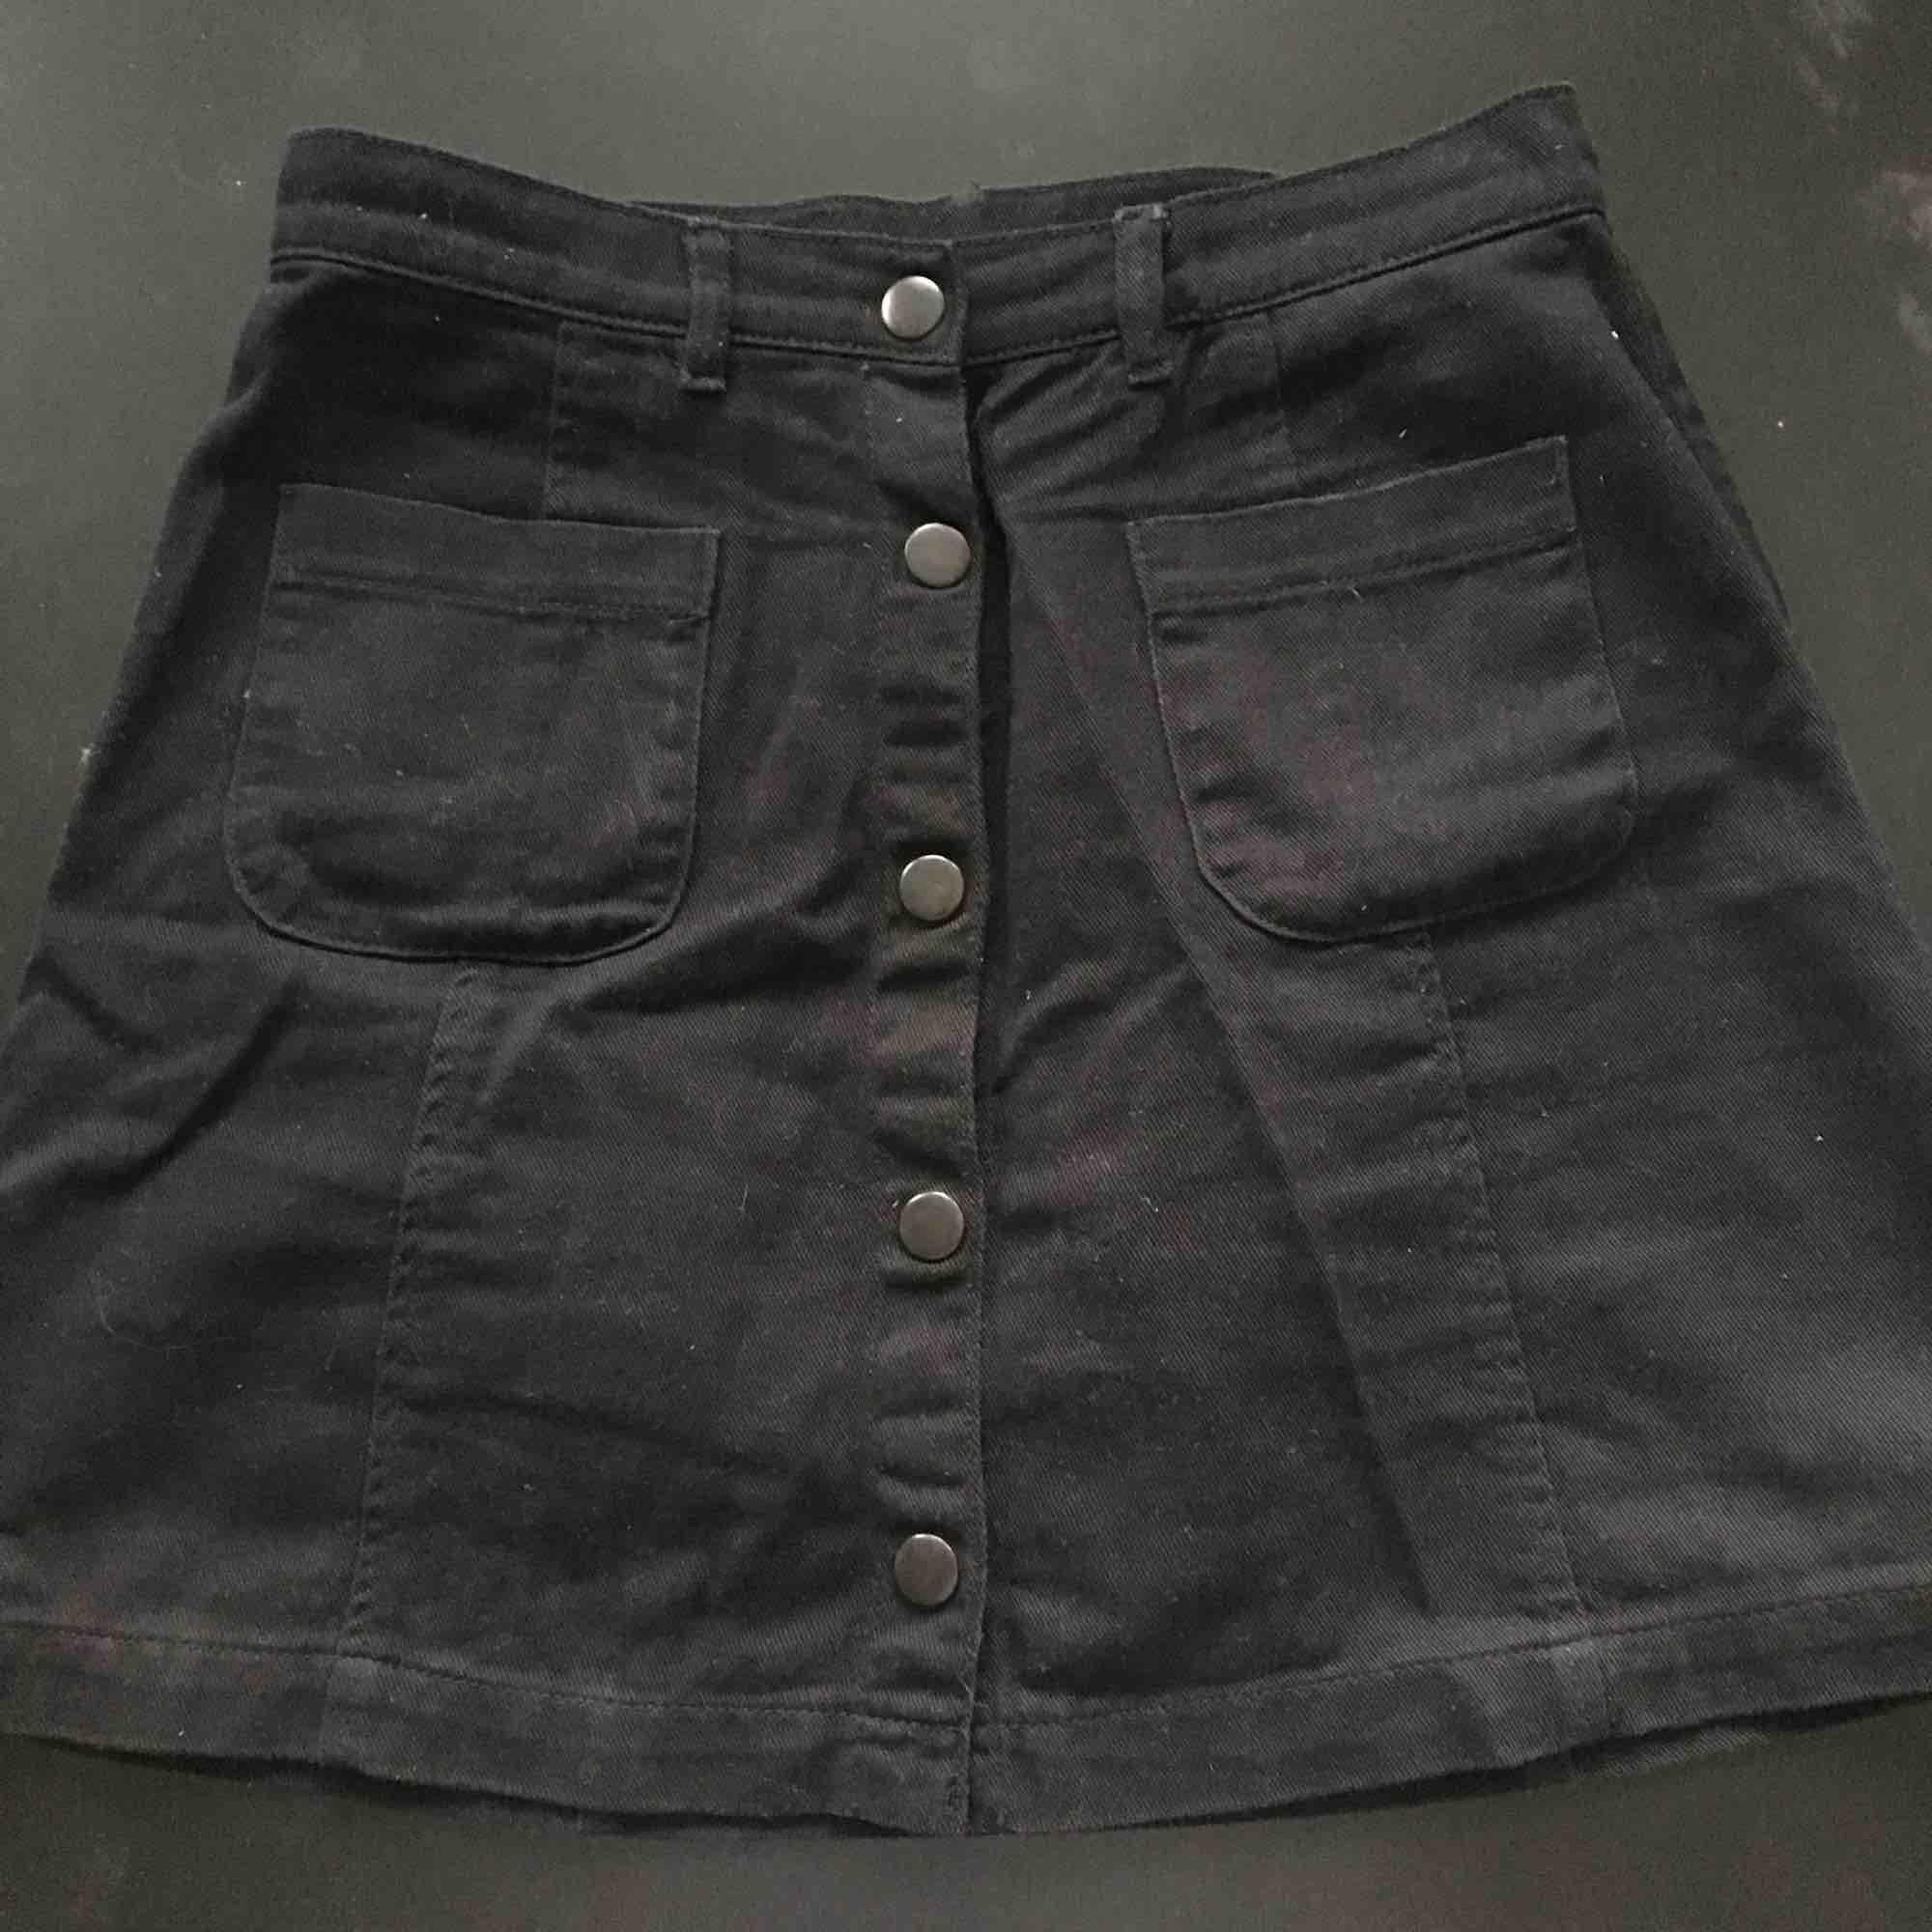 Svart jeanskjol från monki🤩 frakt tillkommer på 30 kr🌸 det är inga fläckar utan fel på kameran... Kjolar.